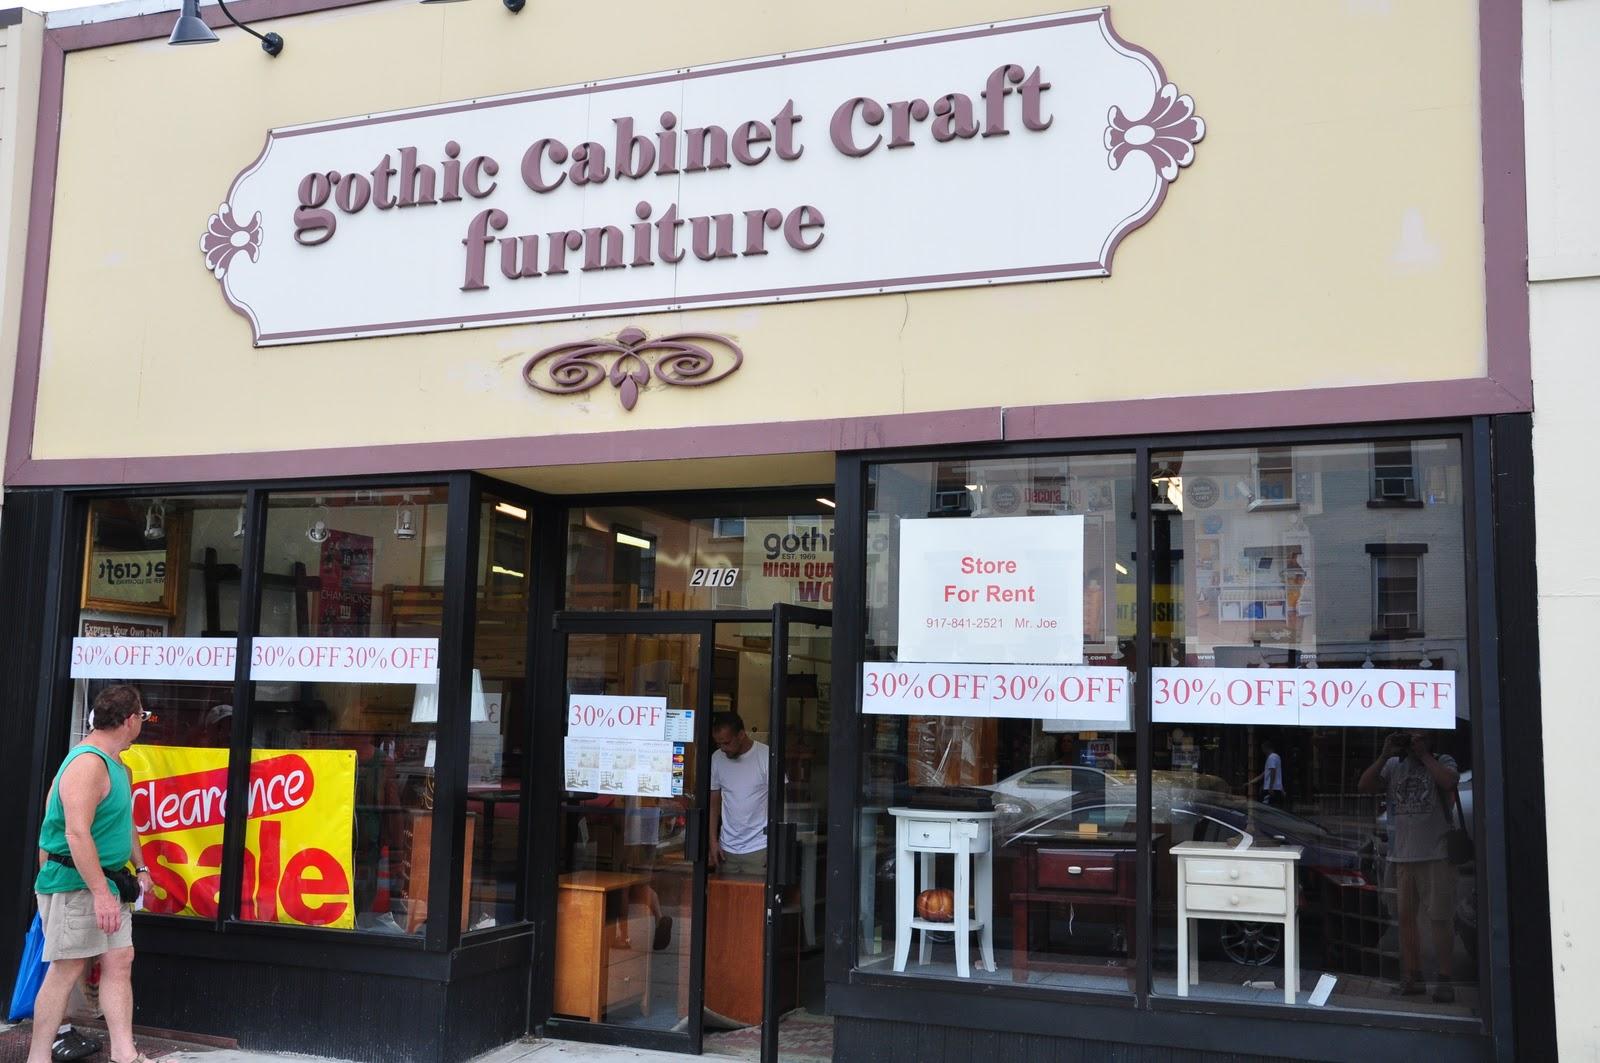 The Hoboken Journal Das Ist Kaput Gothic Cabinet Craft